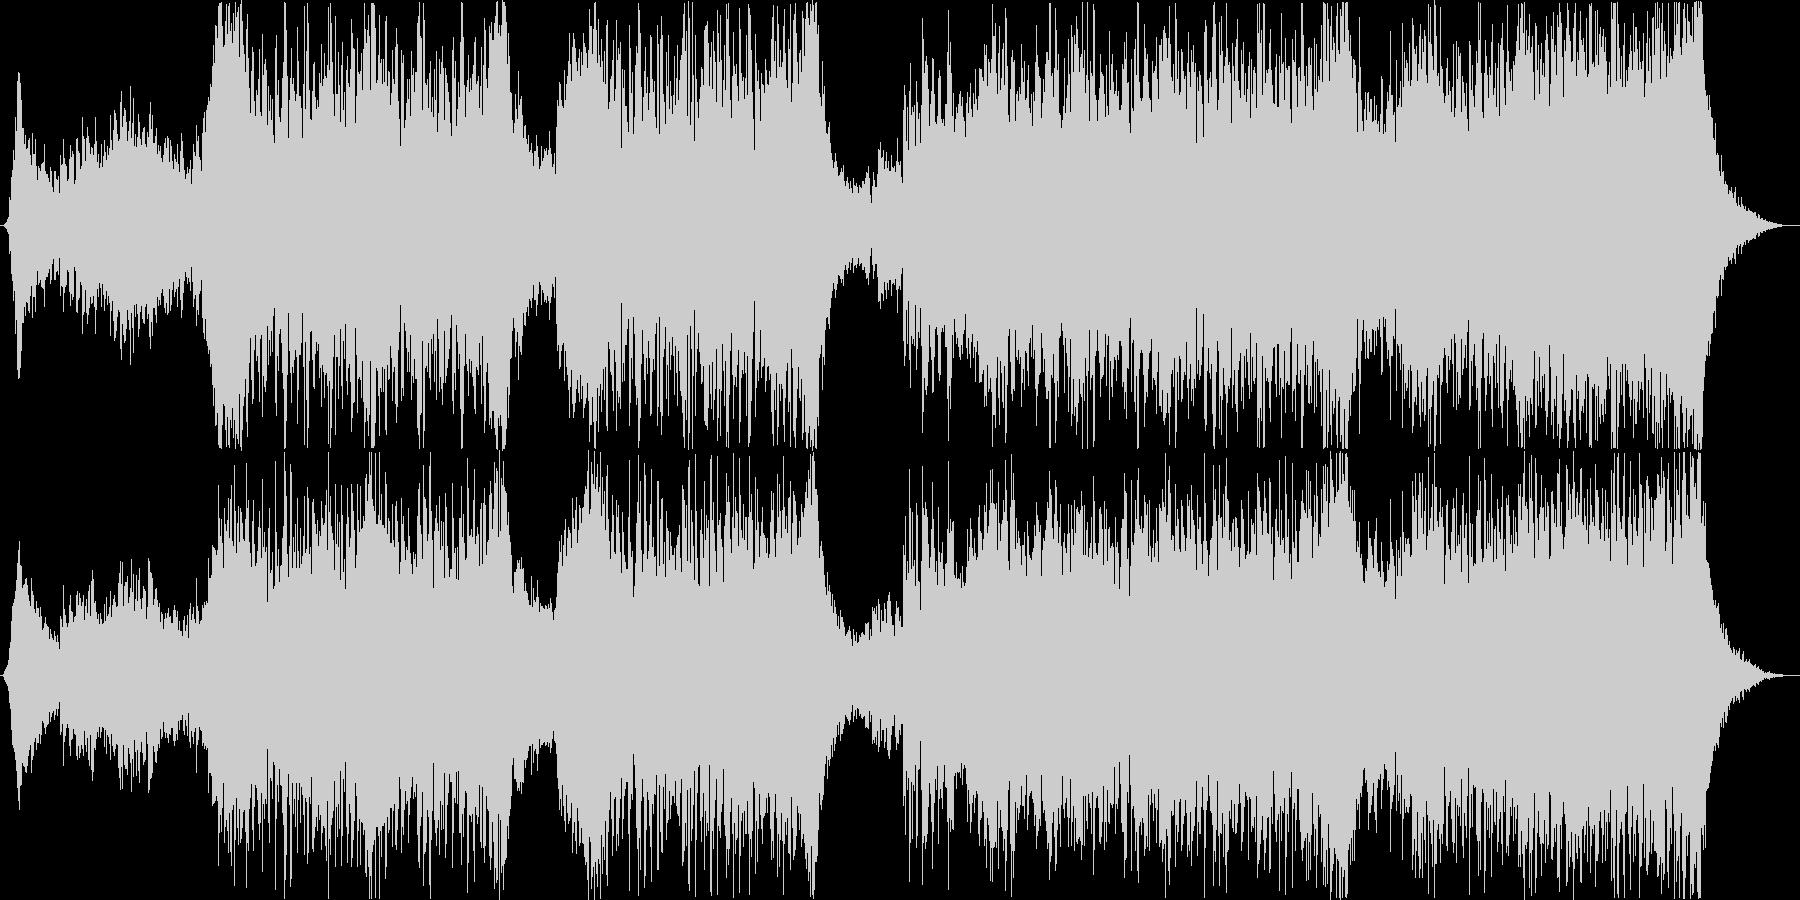 何かが迫ってくるような緊迫したサウンドの未再生の波形